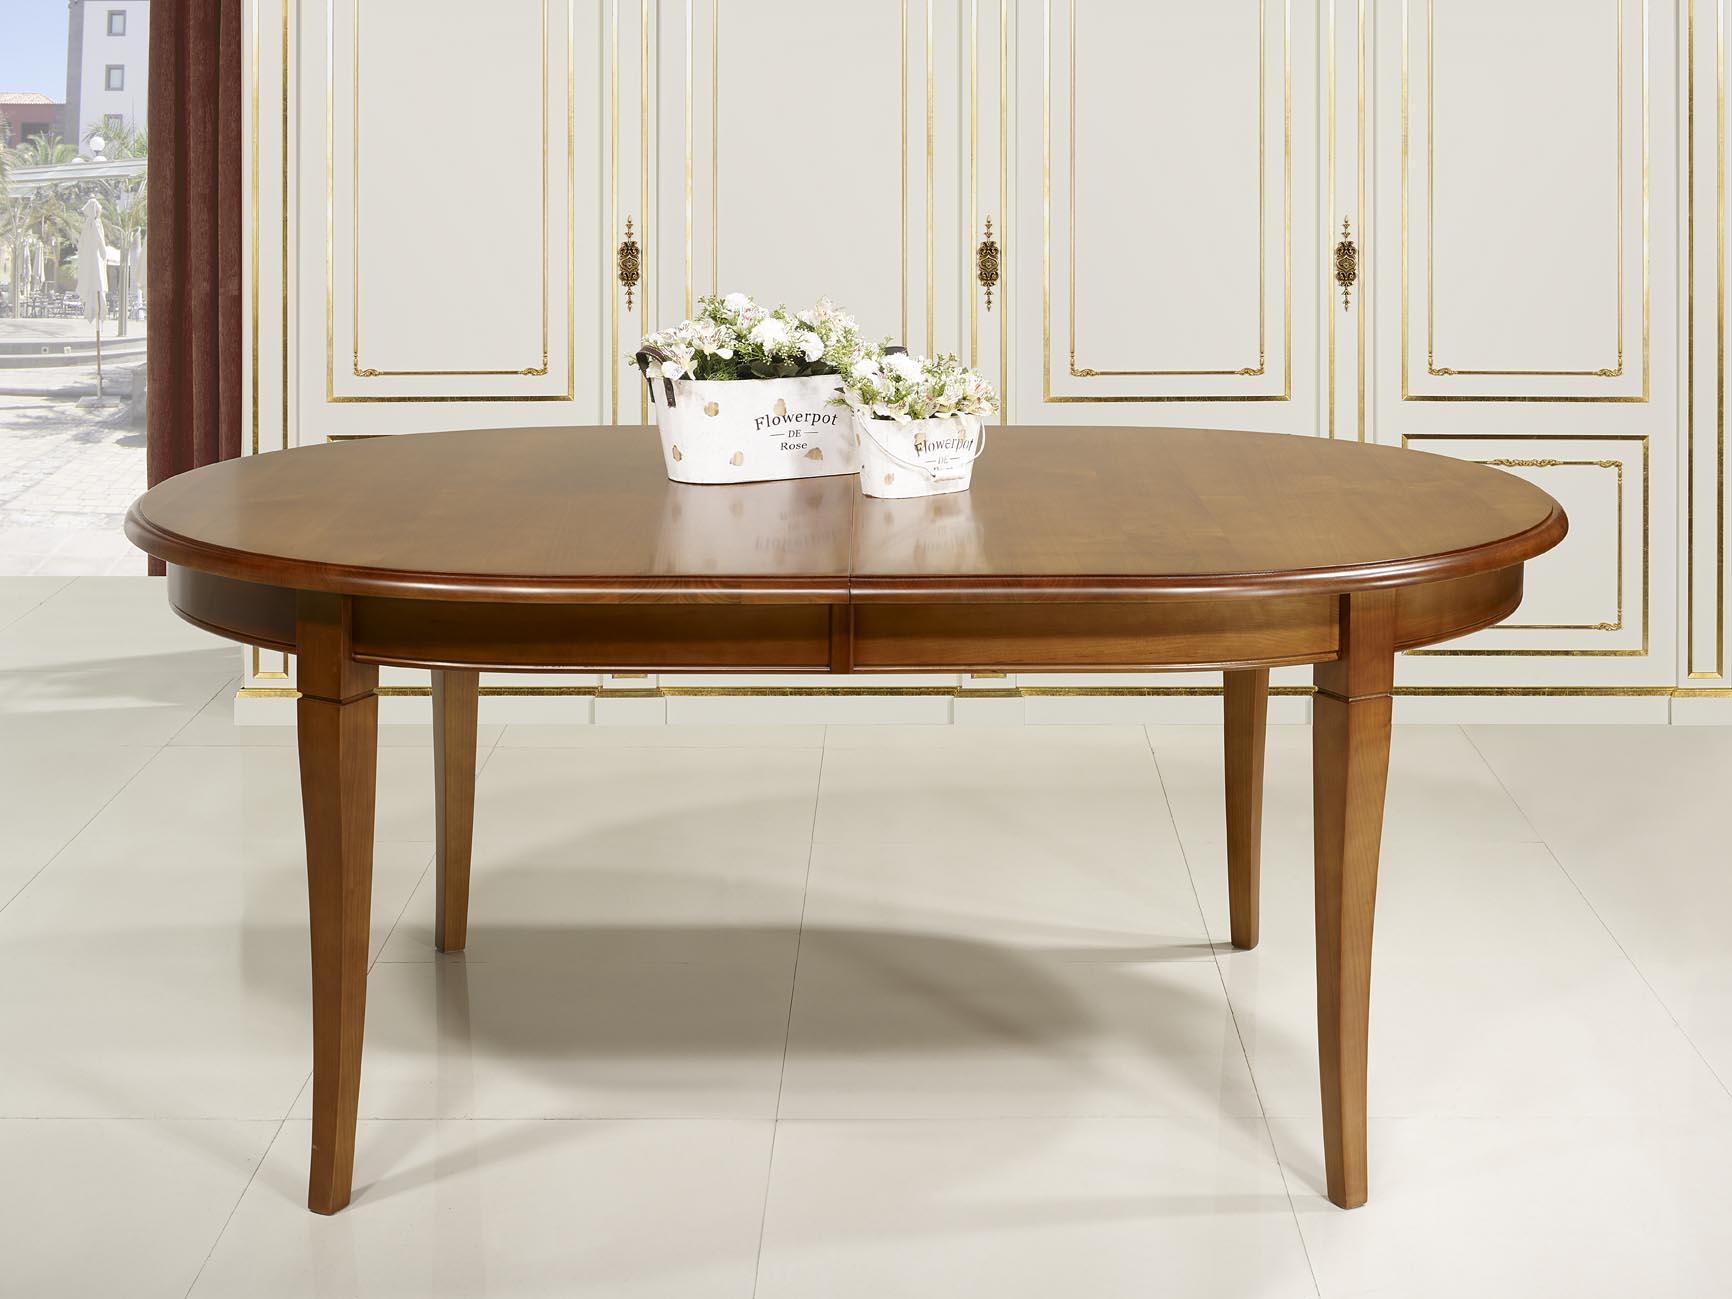 Table ovale julie 180 120 en merisier massif de style for Table bois massif ovale